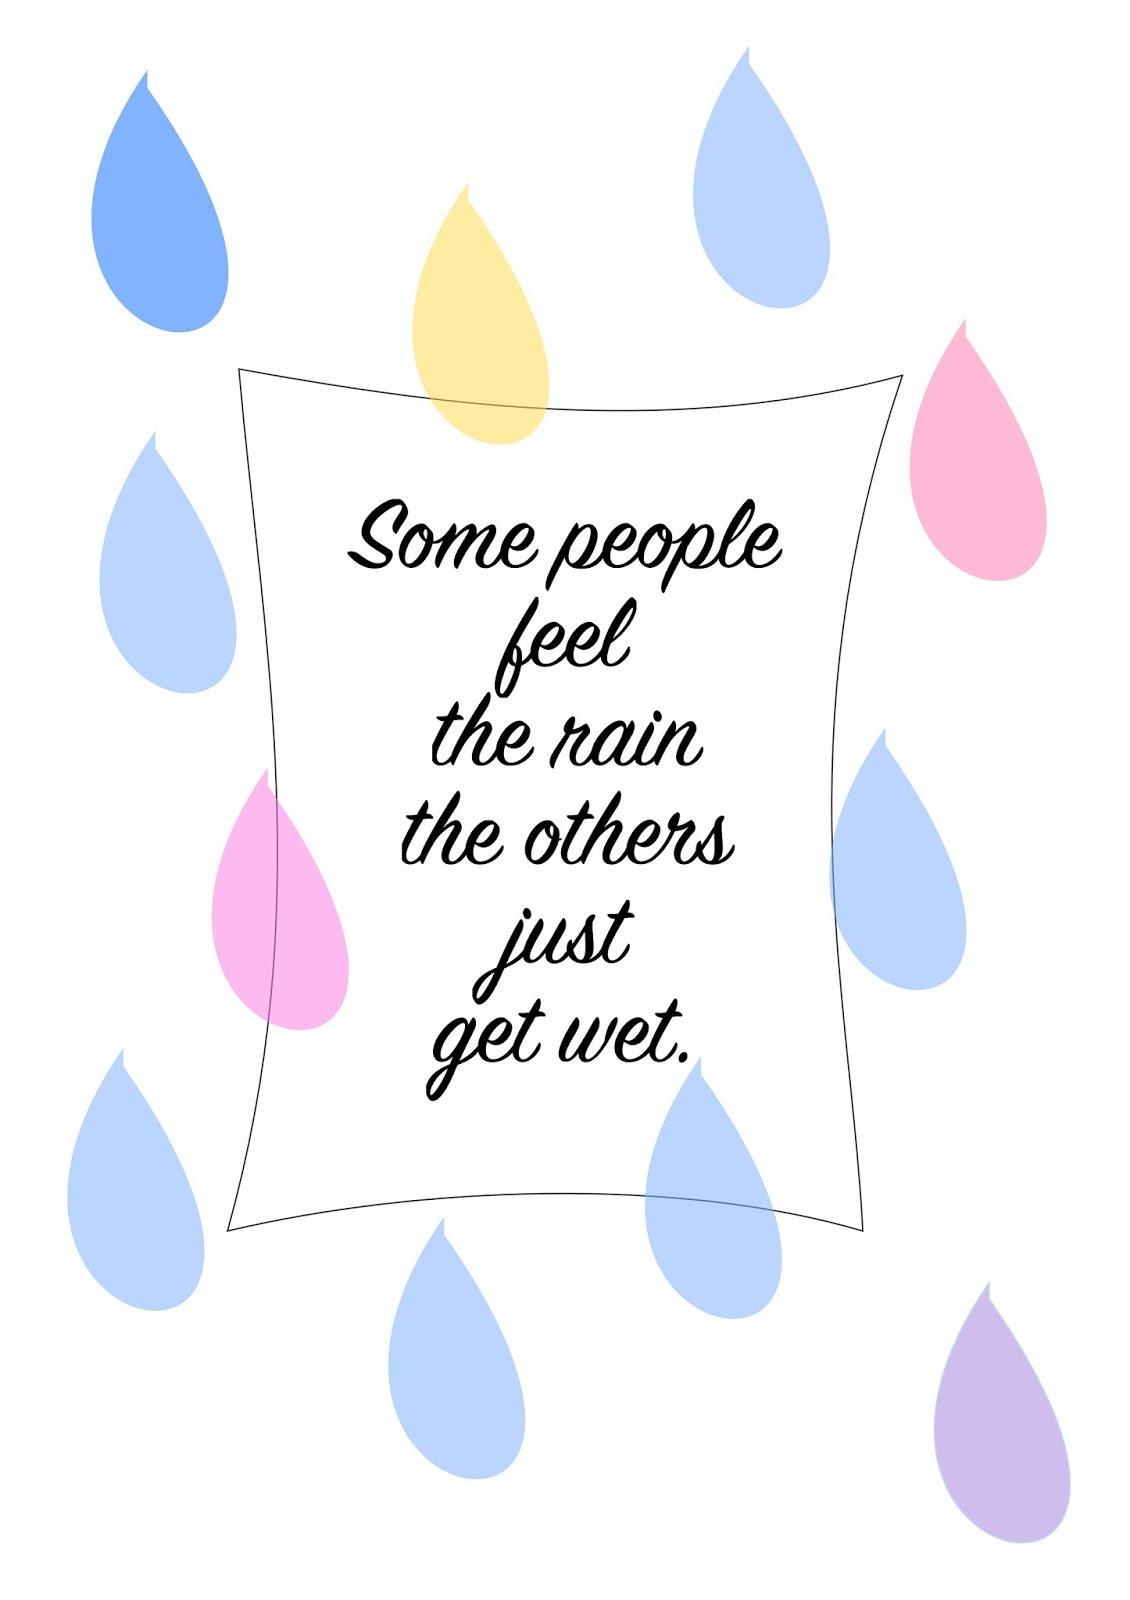 http://3.bp.blogspot.com/-KhbxUzKaCWQ/VO3_Vvk_IhI/AAAAAAAAiMw/YQZbSxXcClg/s1600/quote_about_rain.jpg